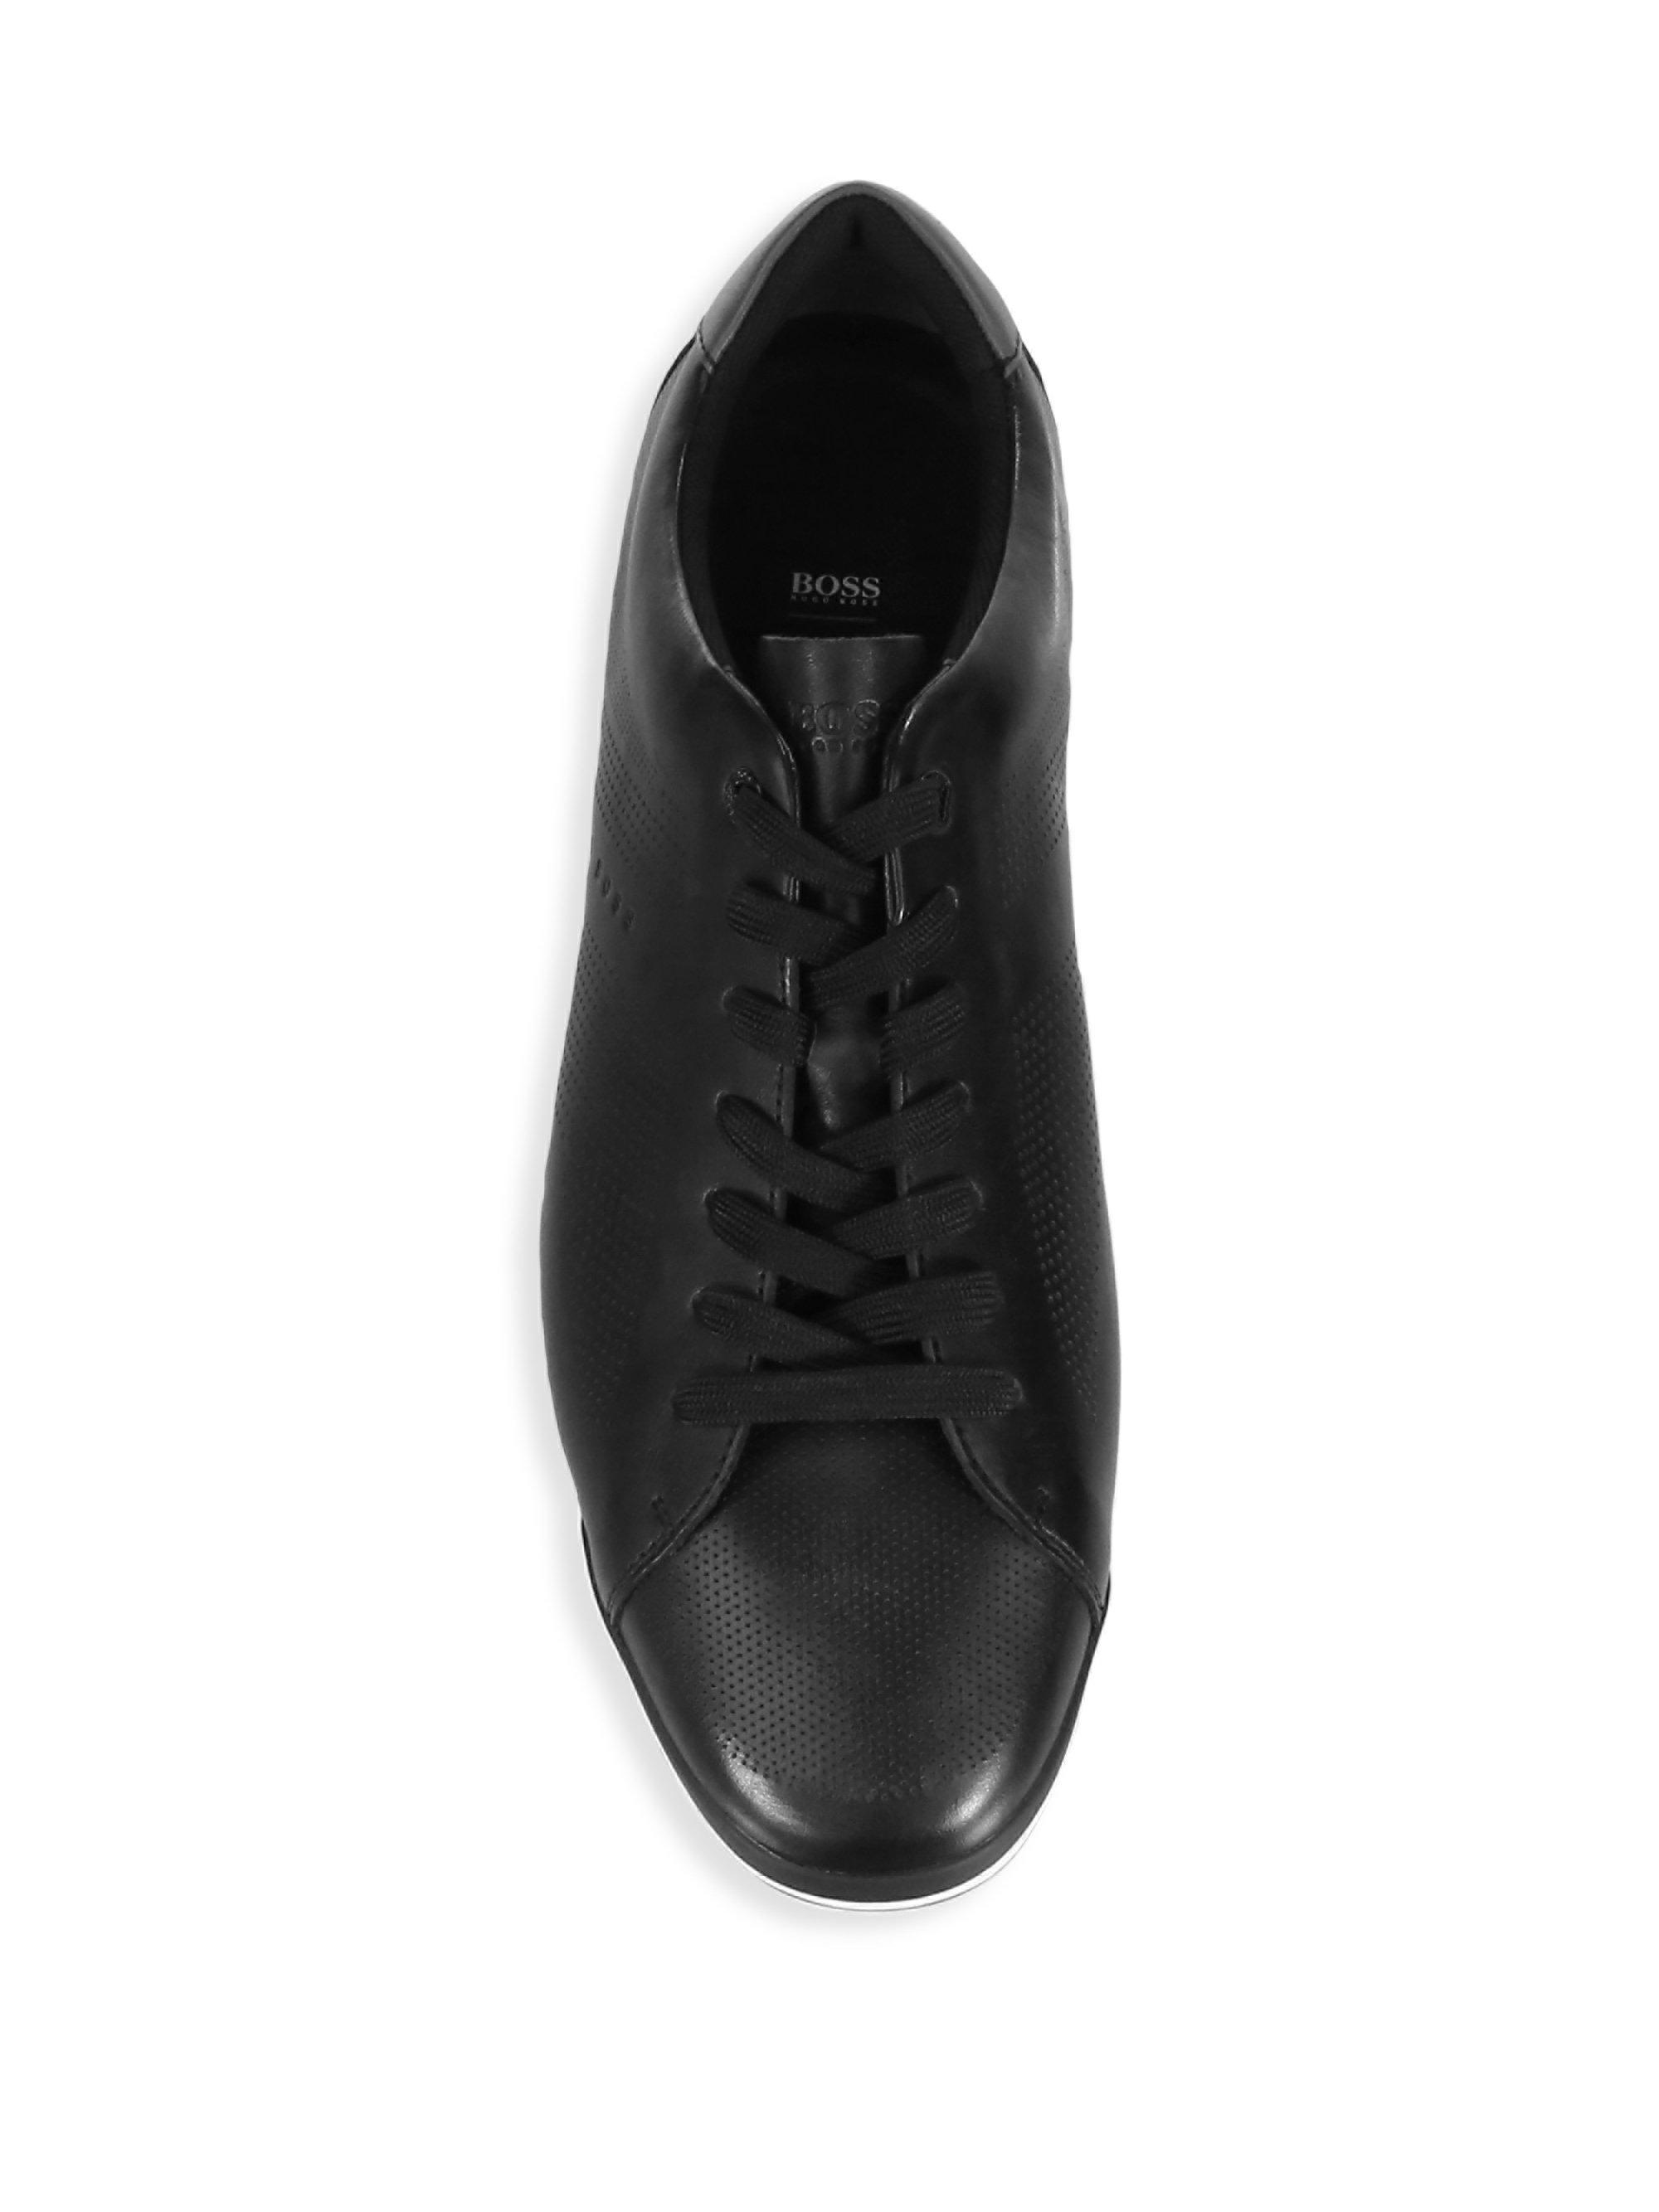 Auslass Nicekicks SATURN - Sneaker low - black Sammlungen Günstiger Preis Freies Verschiffen Ursprüngliche Billig Zum Verkauf Günstig Kaufen Bilder vw86gZO